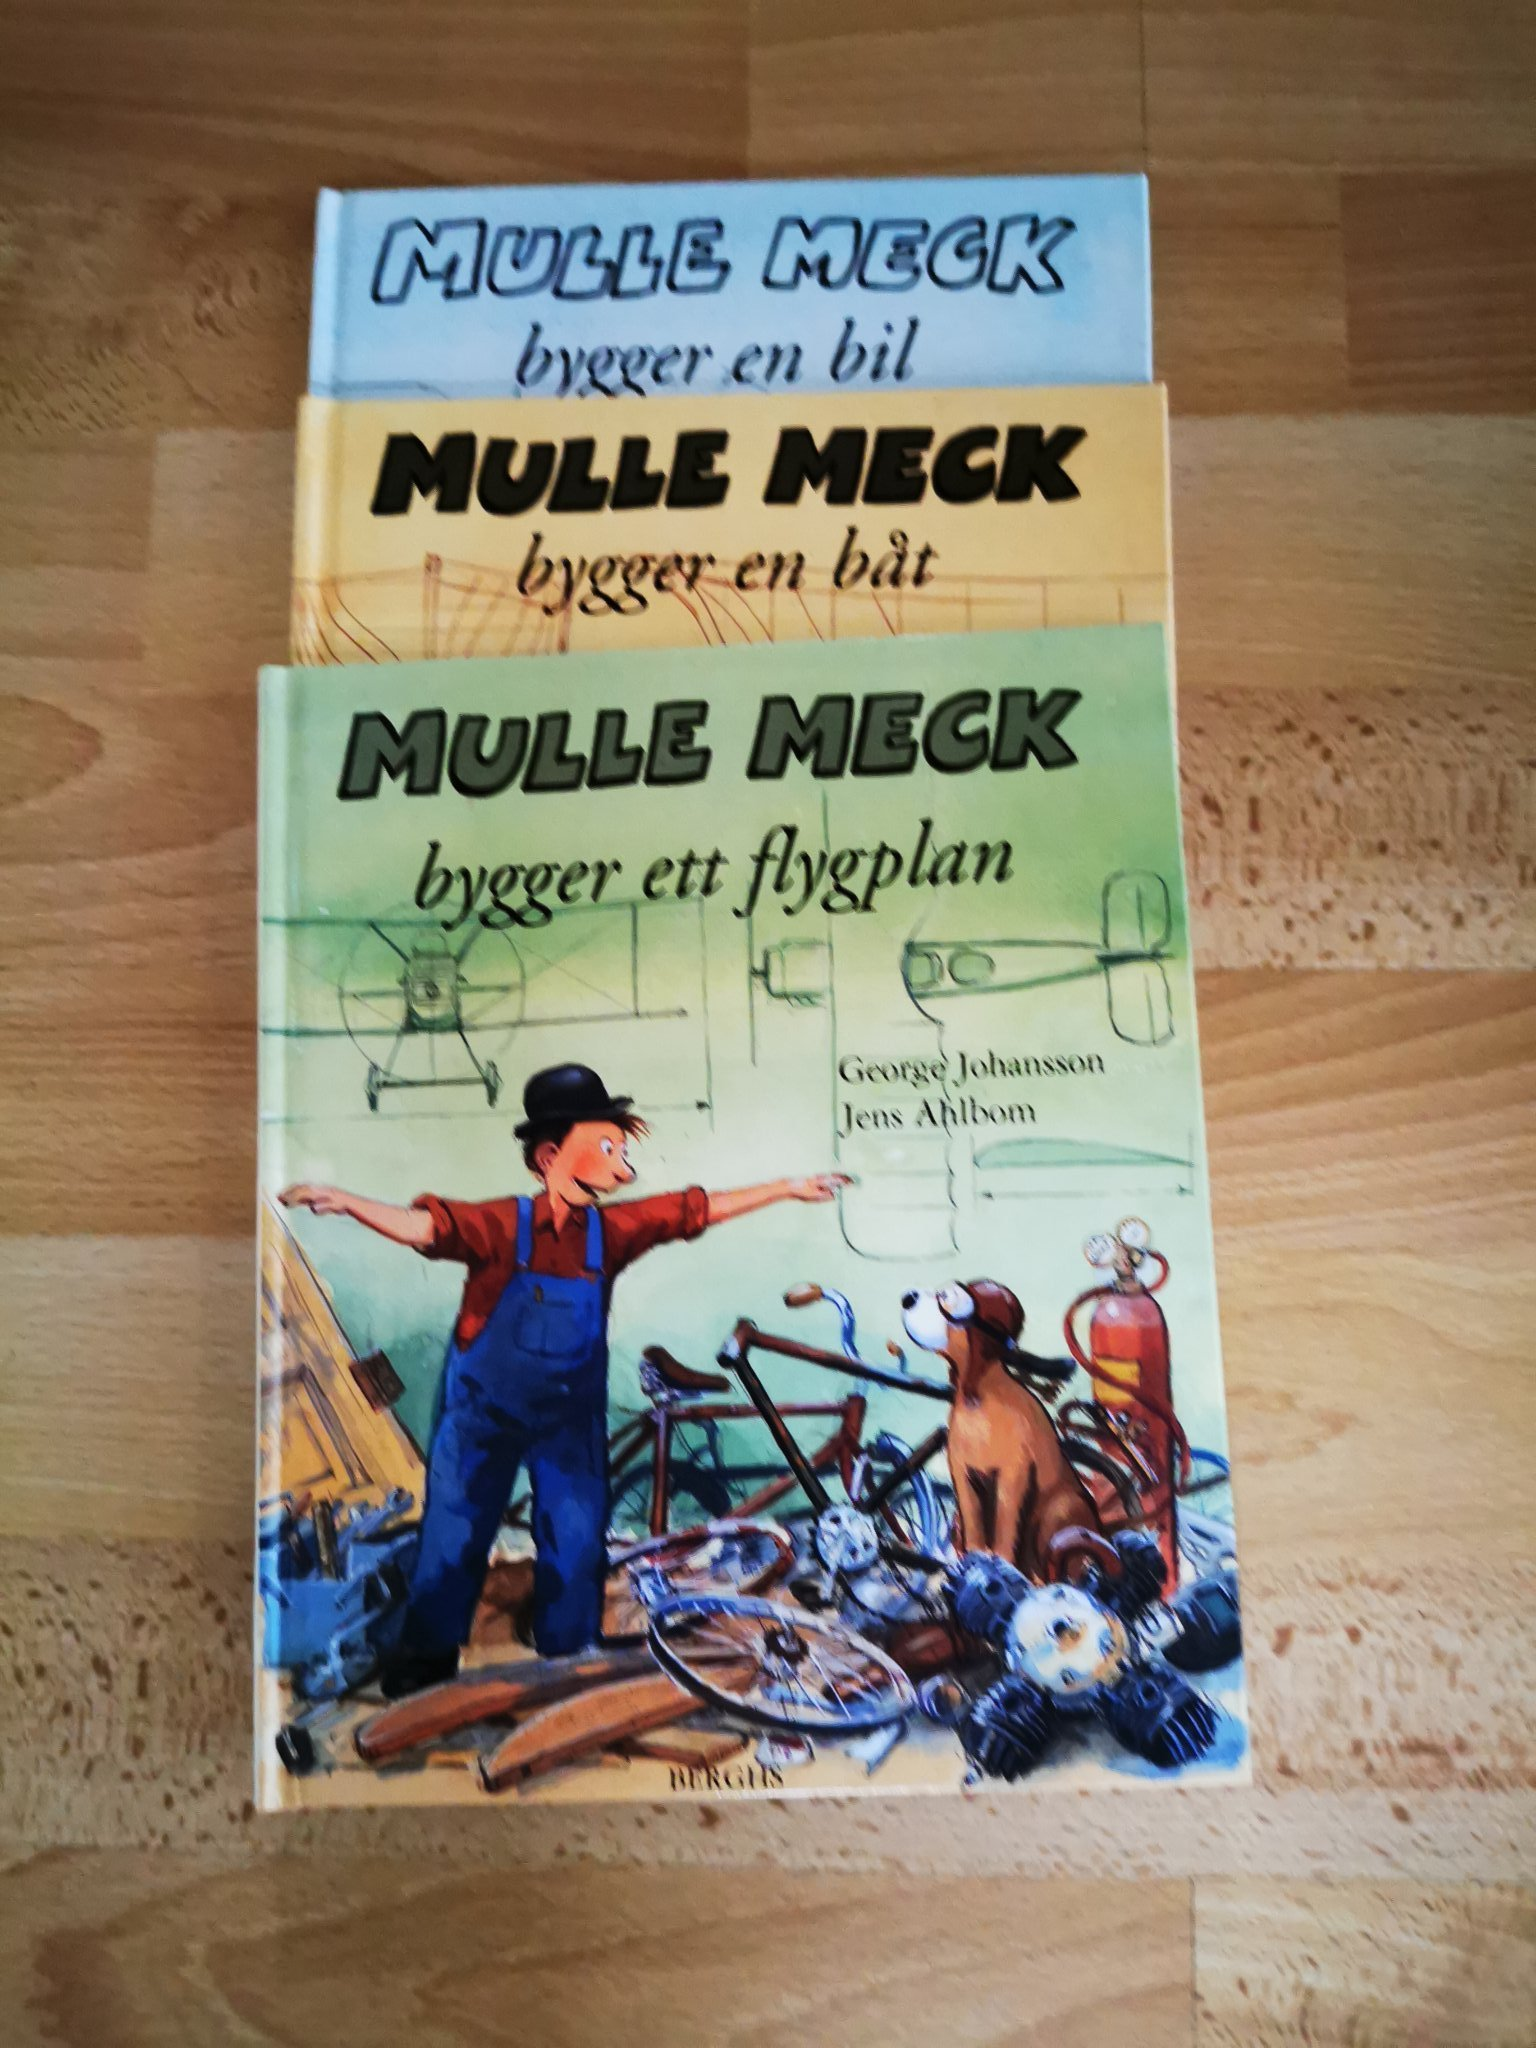 Bocker Med Mulle Meck 367404783 ᐈ Kop Pa Tradera